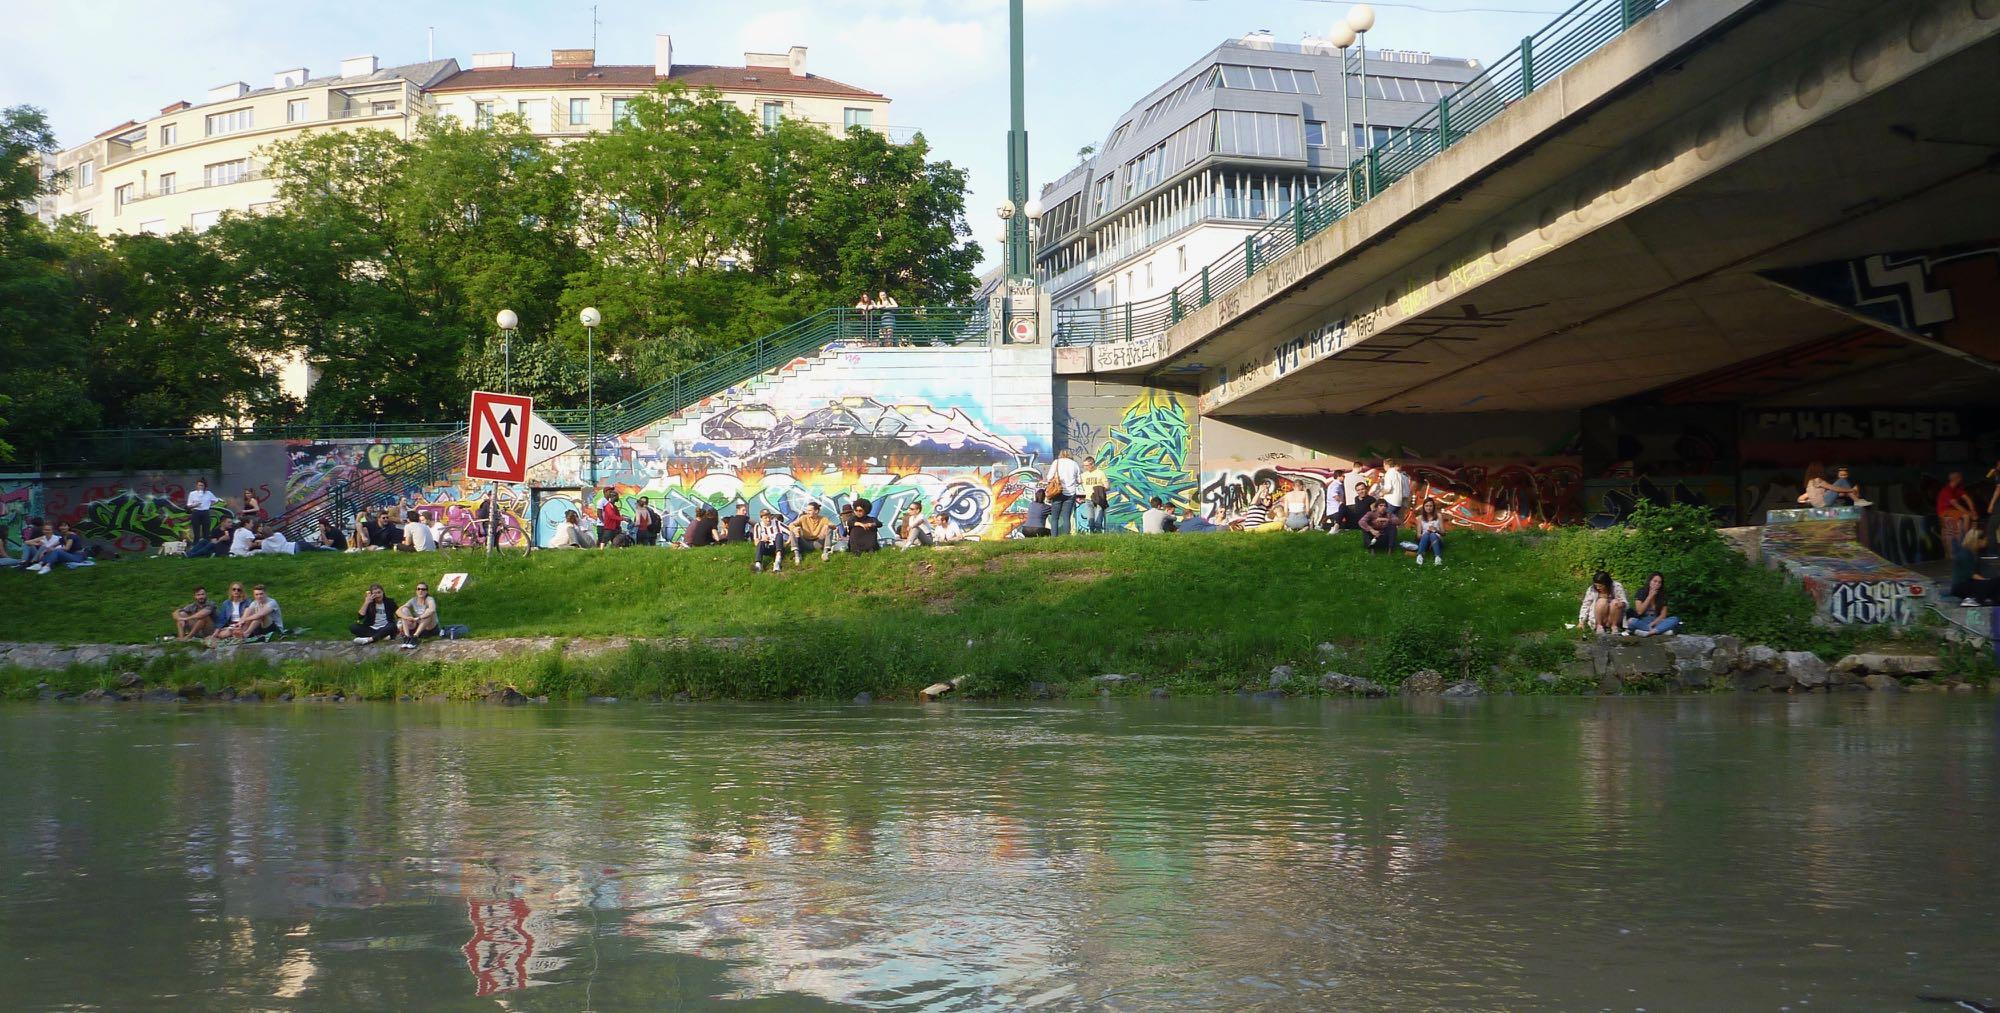 Schön langsam wird´s am Donaukanal lebendig, Tausende Wiener und Gäste genießen das entspannende Ambiente.